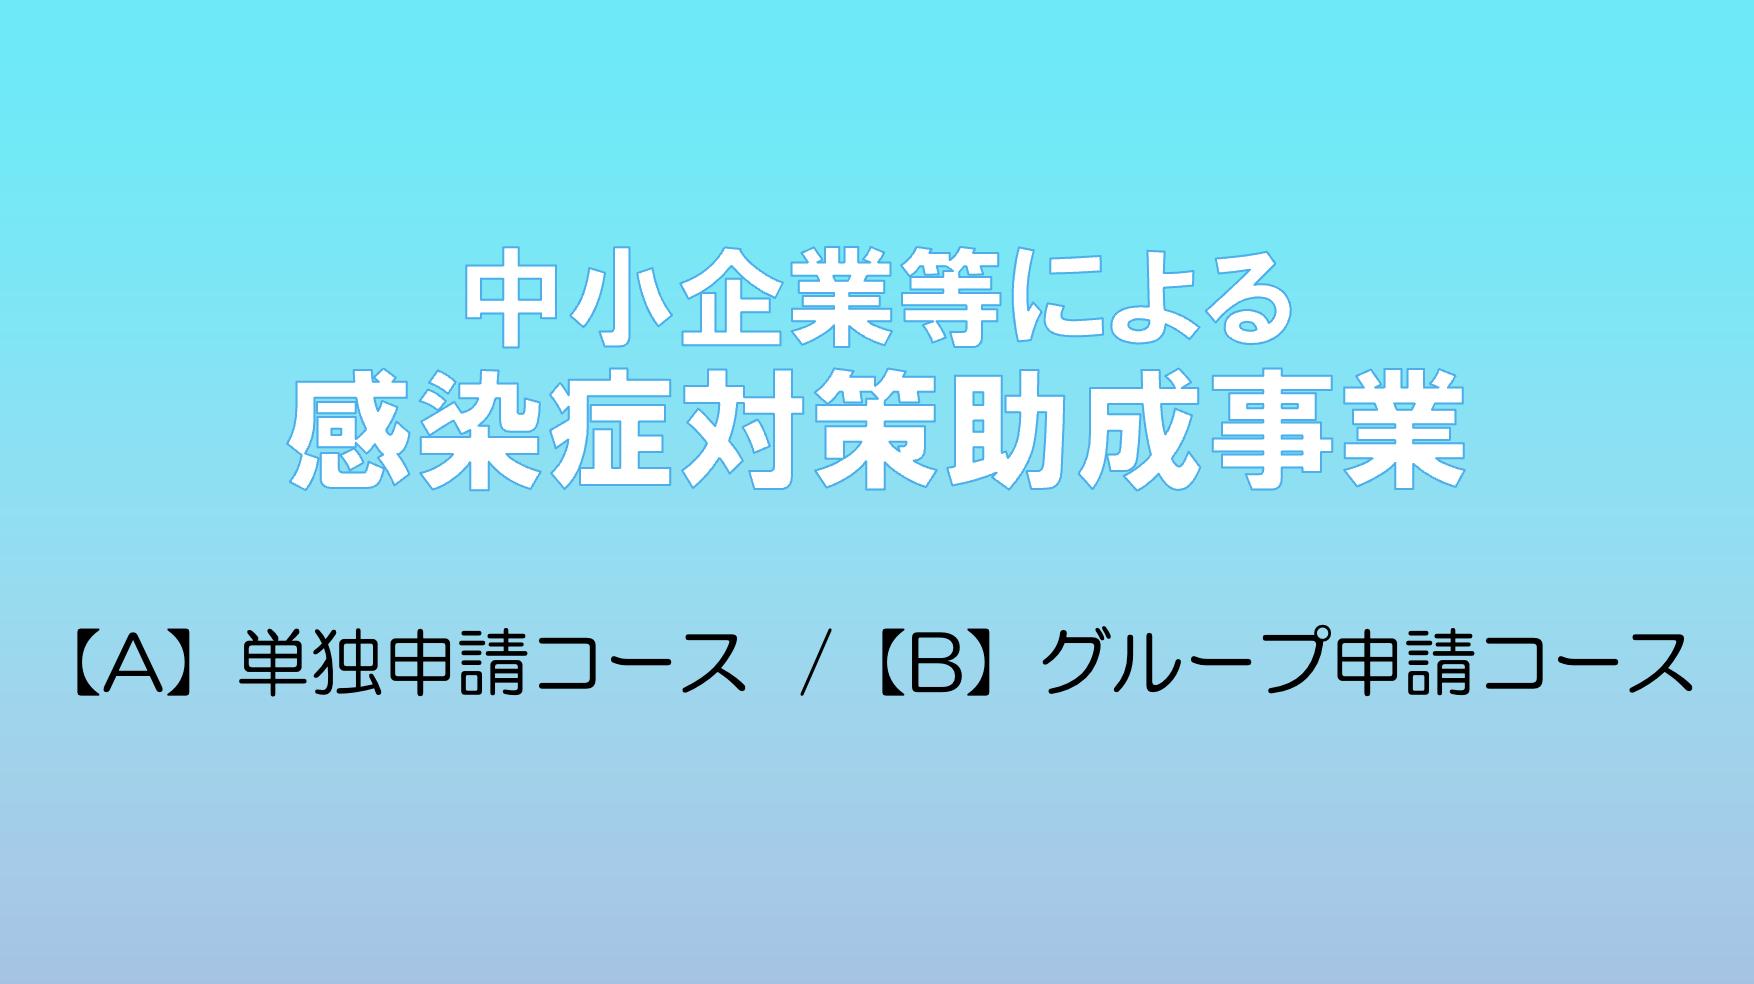 中小企業等による感染症対策助成事業(東京都)について